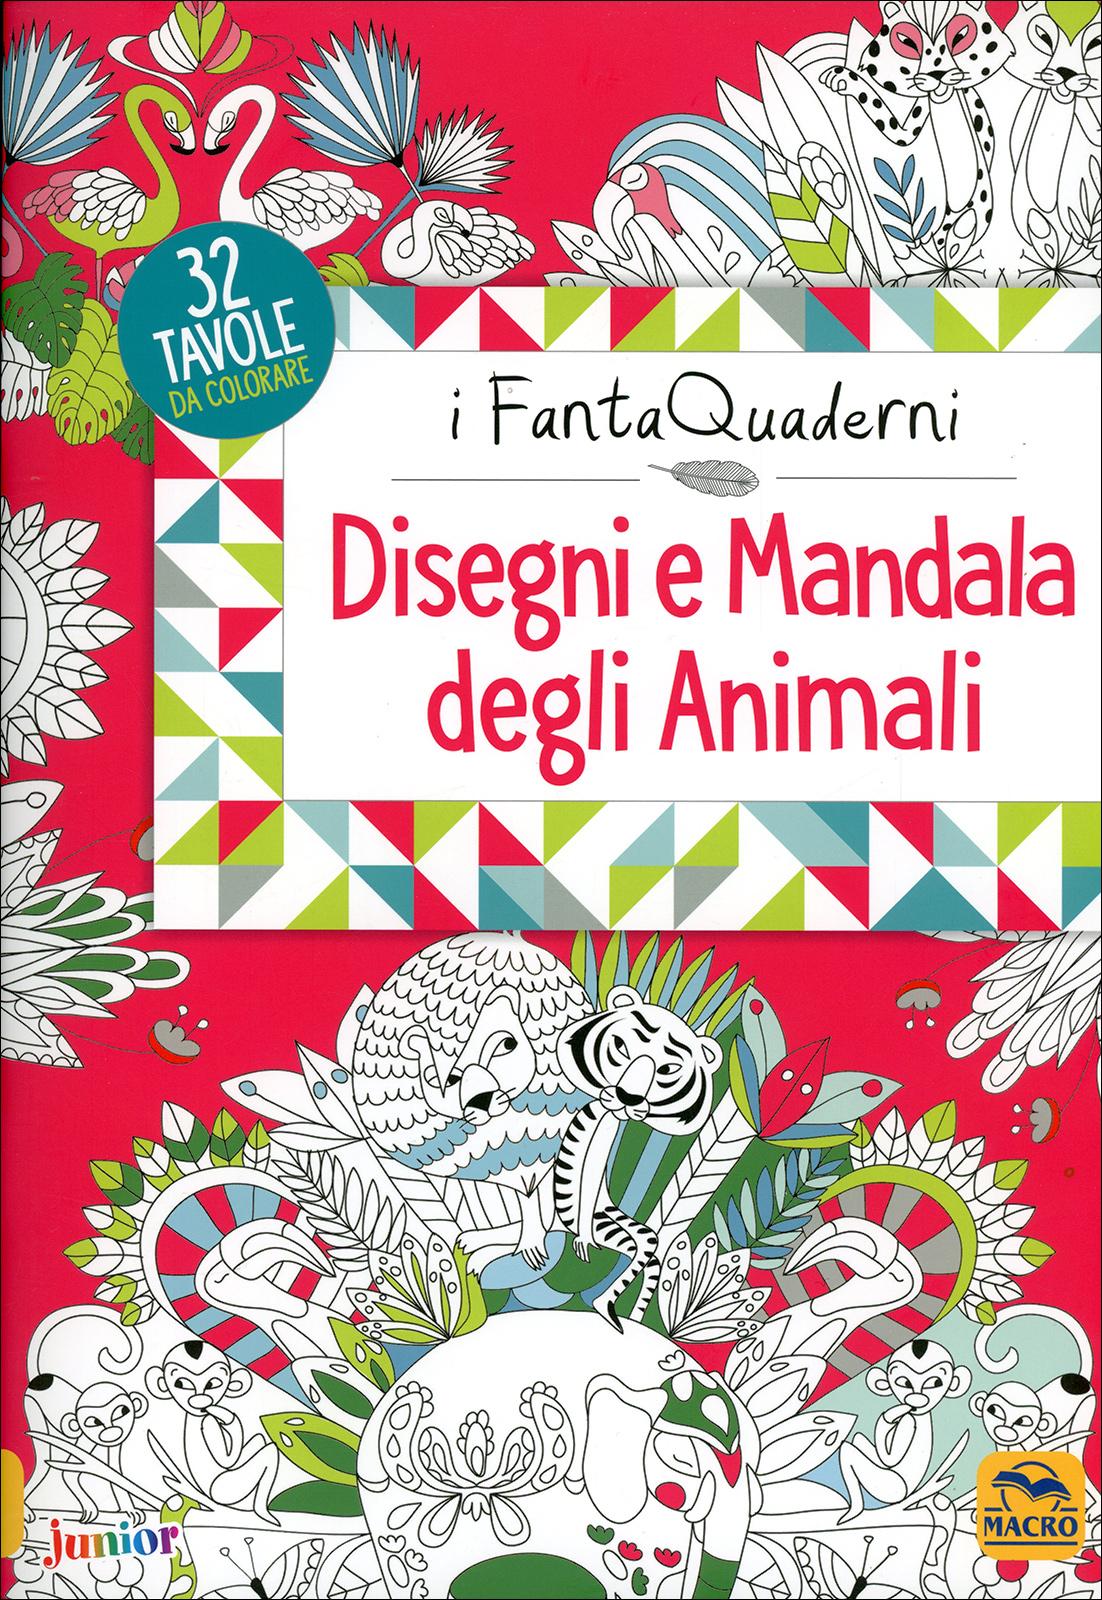 Disegni E Mandala Degli Animali Macro Junior Libro